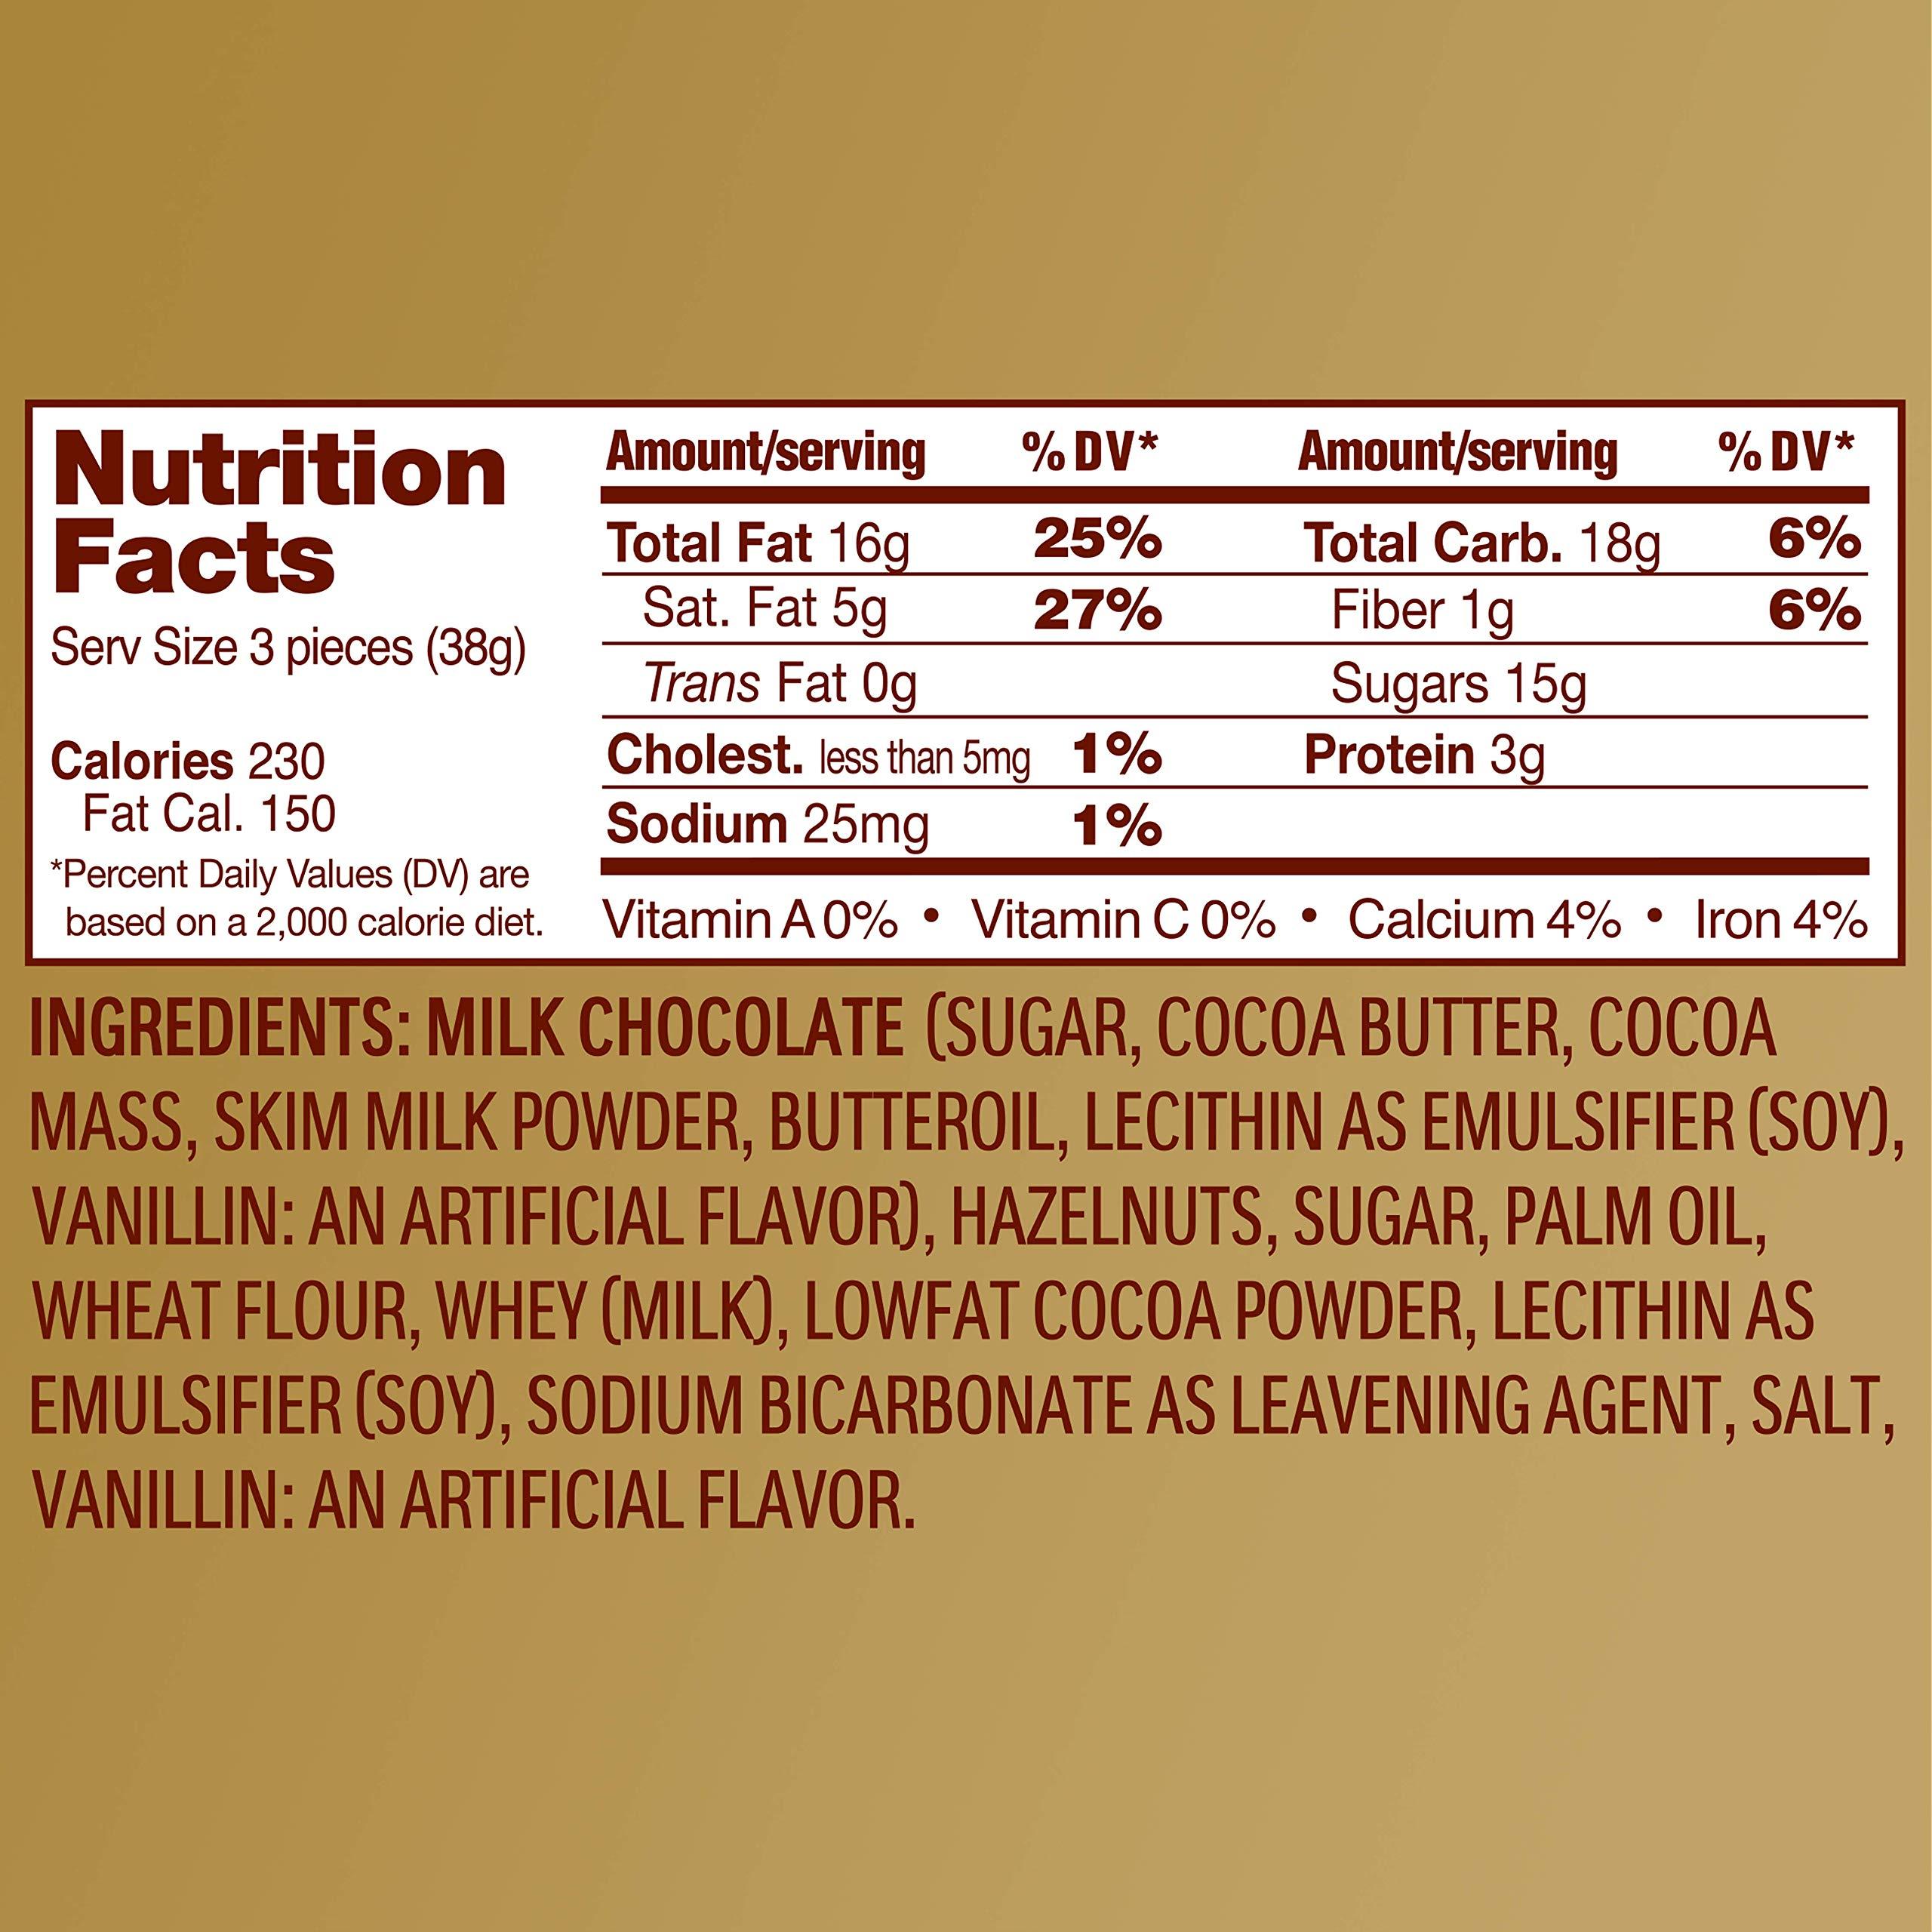 Ferrero Rocher Fine Hazelnut Chocolates, 21.1 Oz, 48 Count by Ferrero Rocher (Image #3)